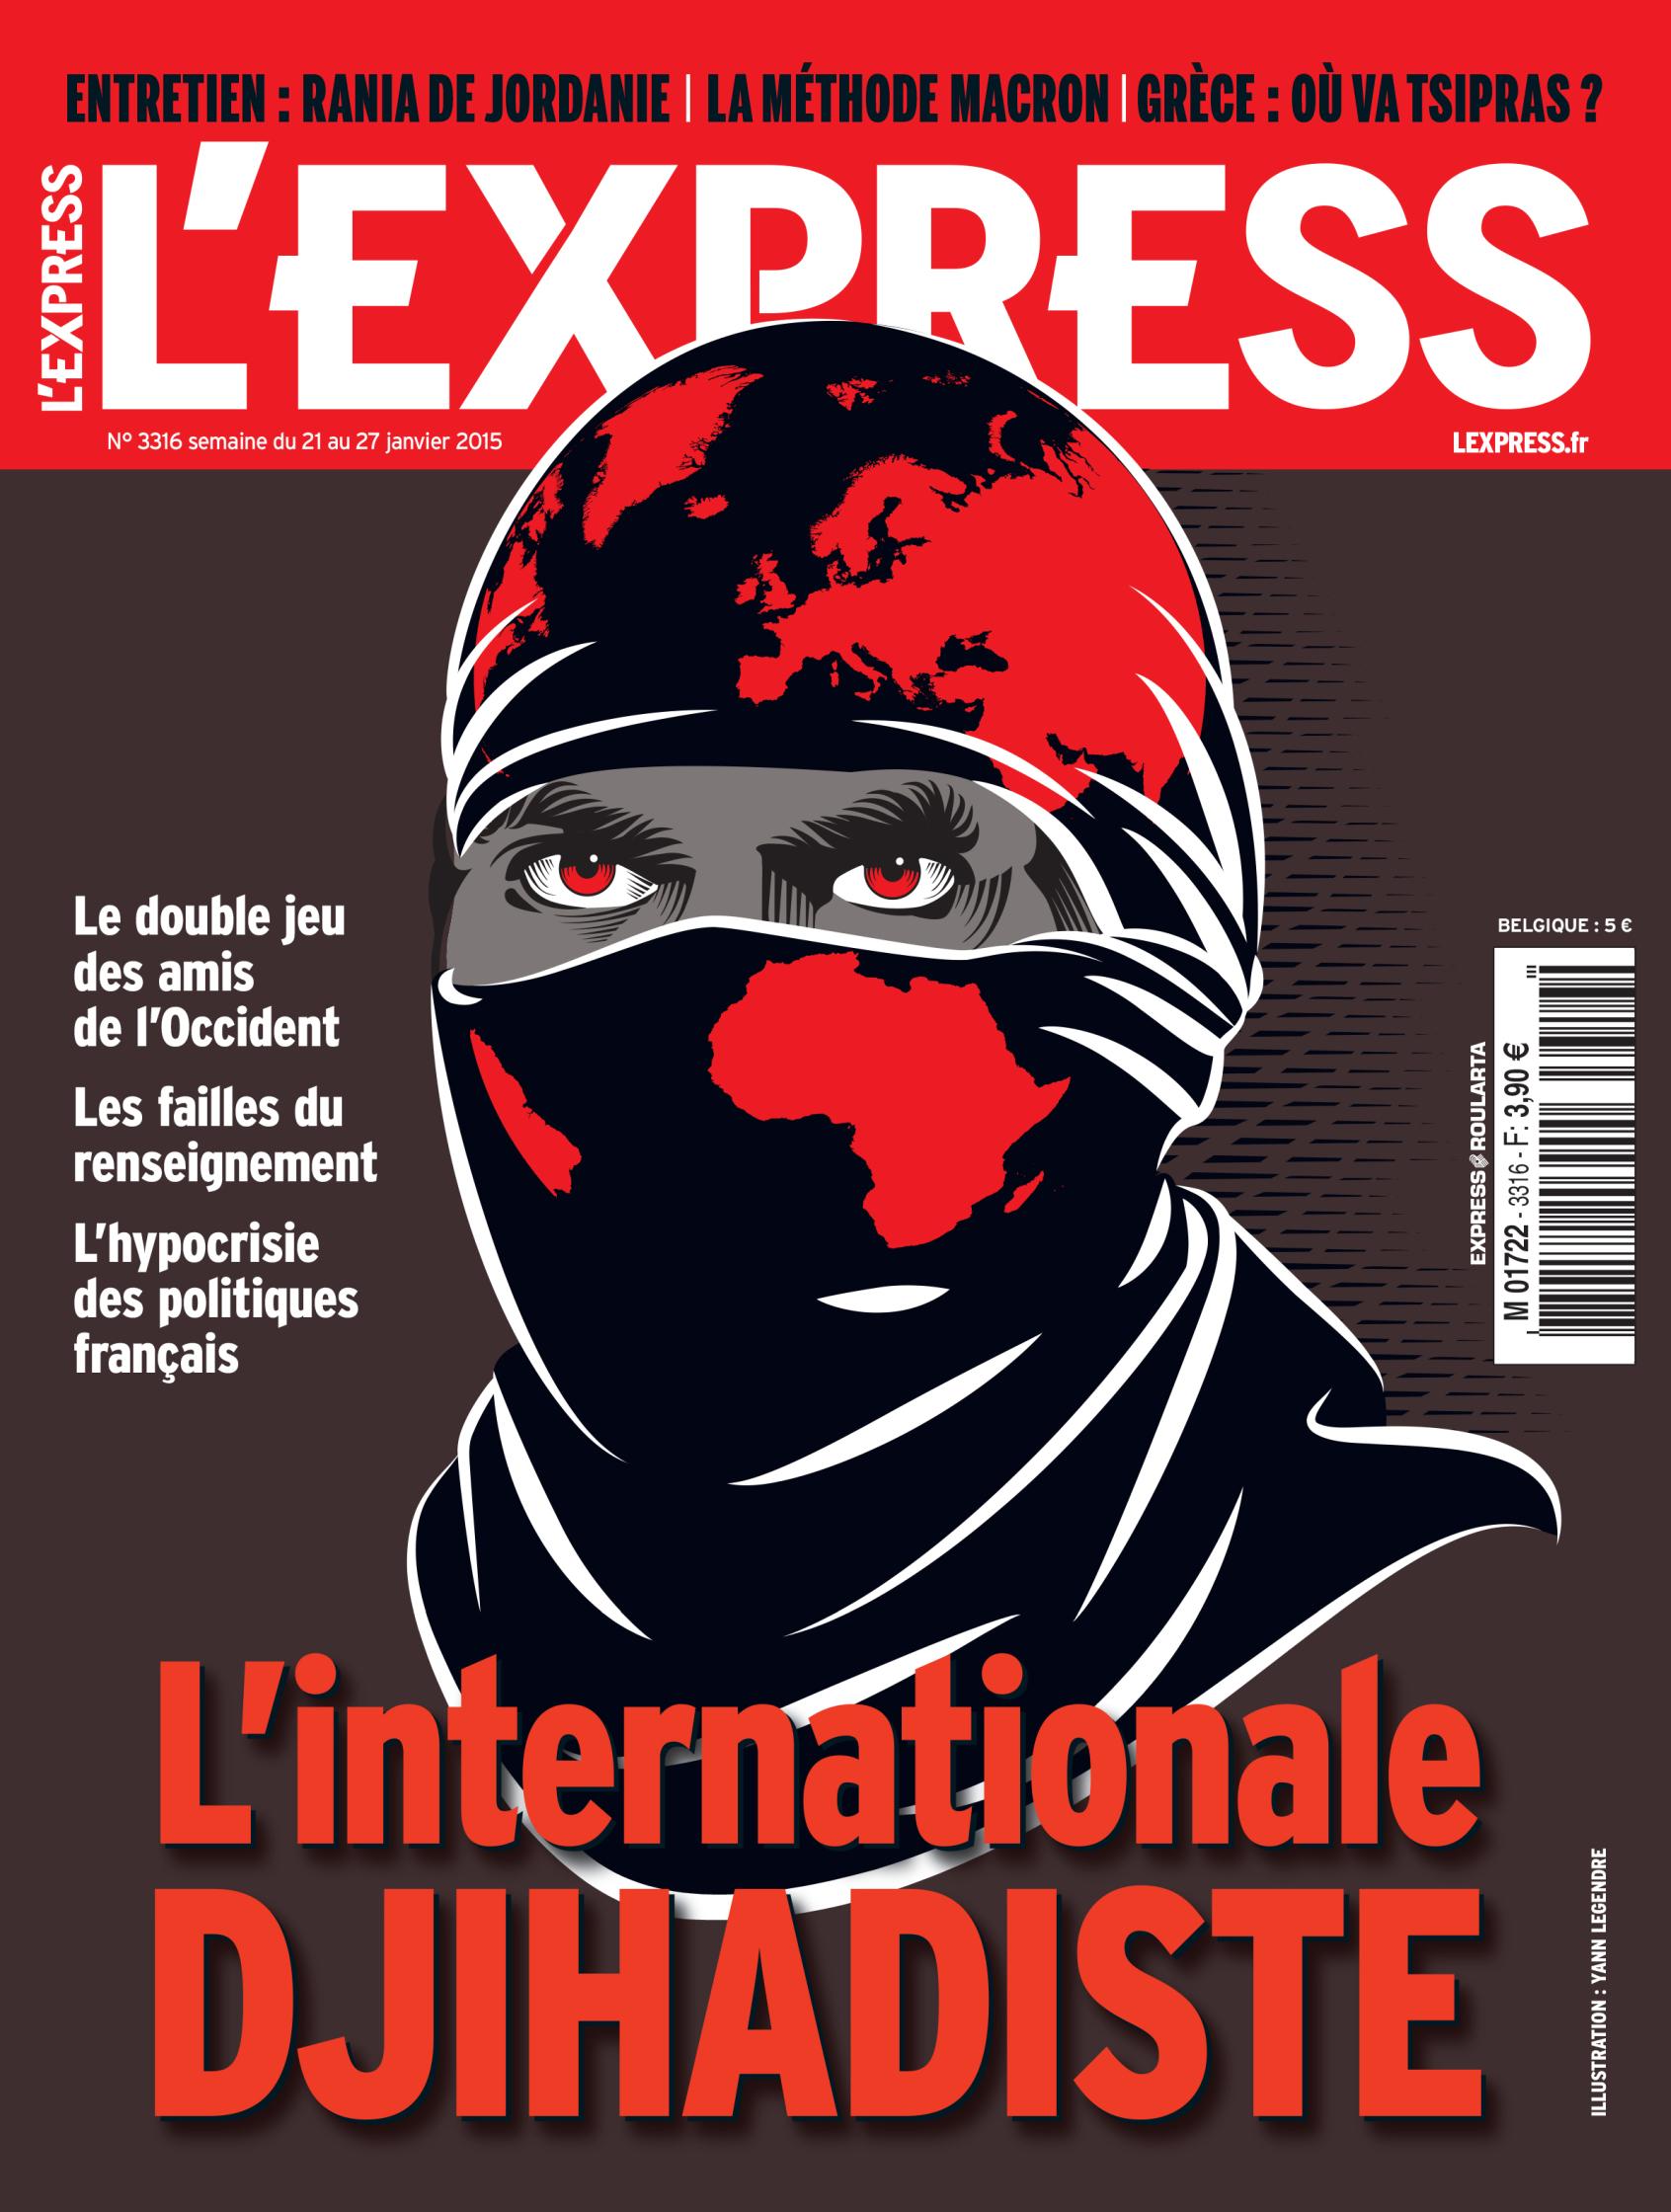 L'internationale Djihadiste / L'Express Magazine